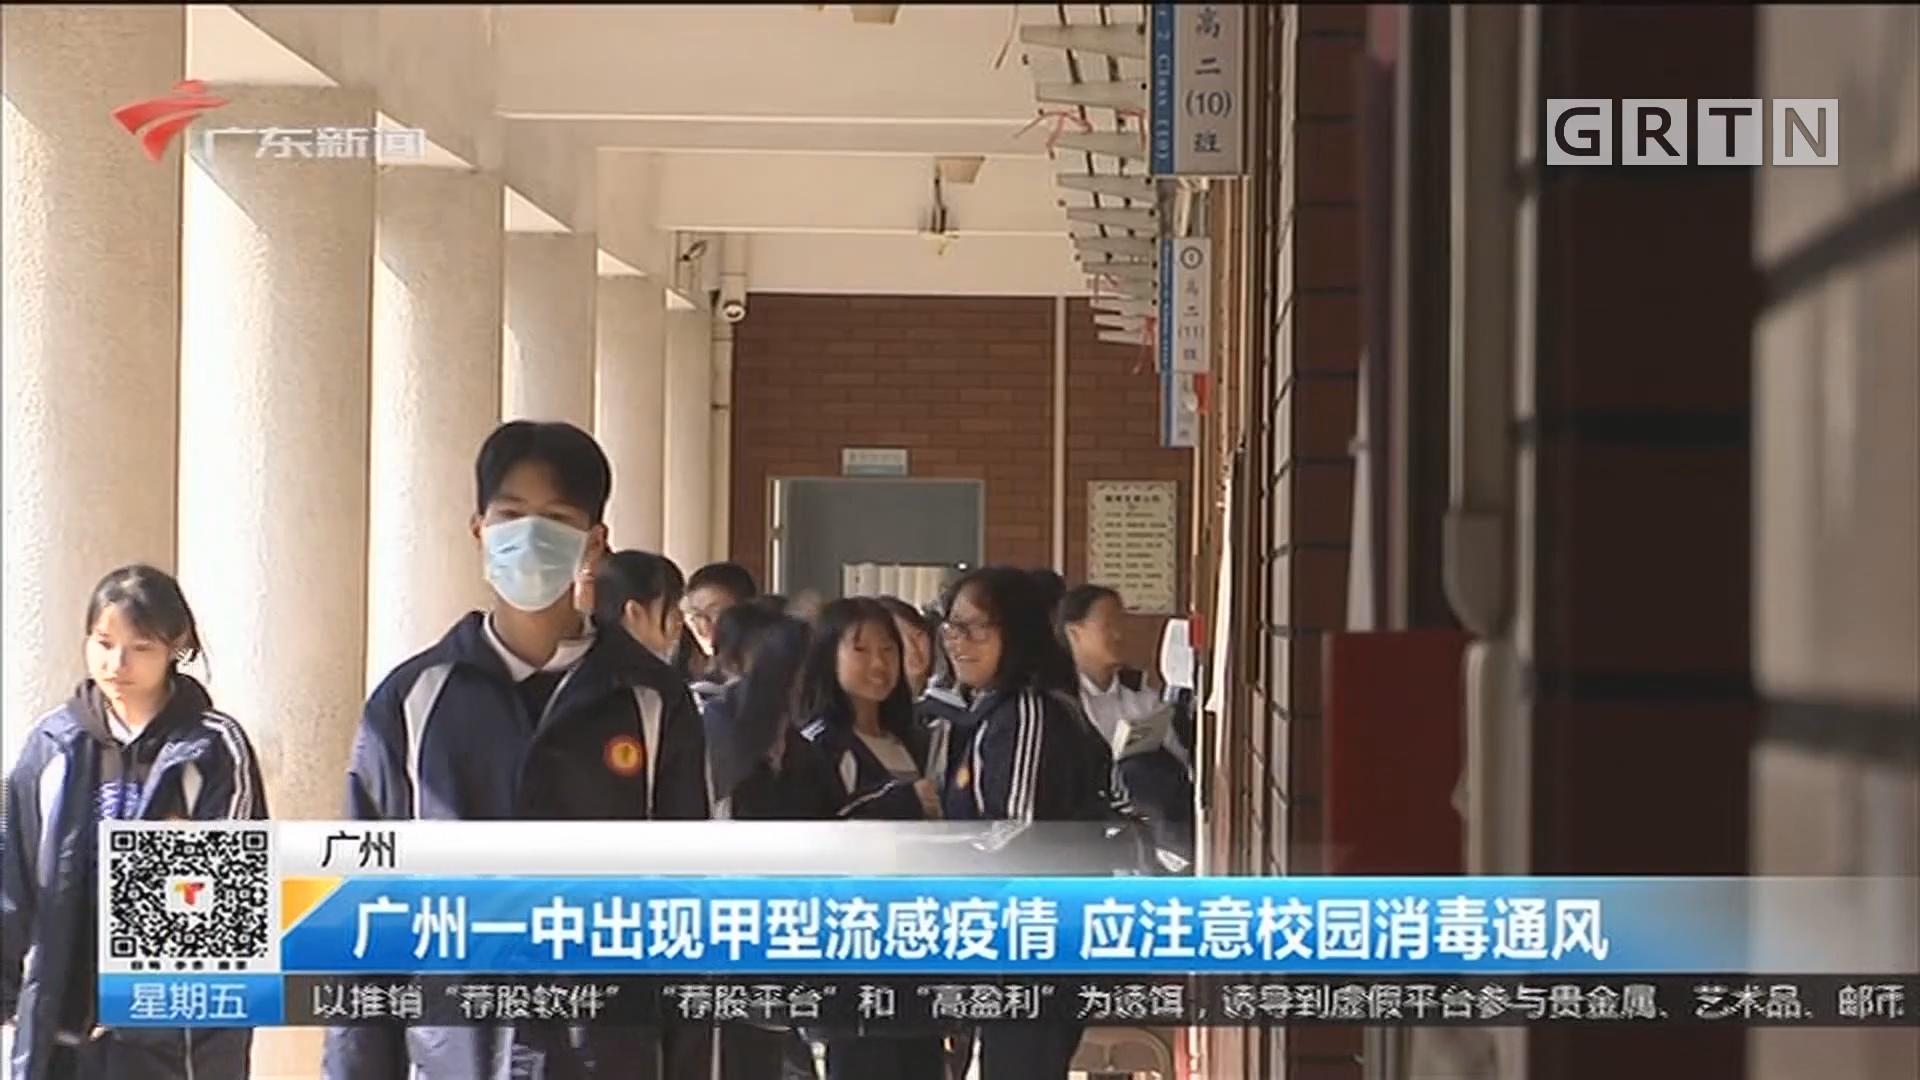 广州:广州一中出现甲型流感疫情 应注意校园消毒通风